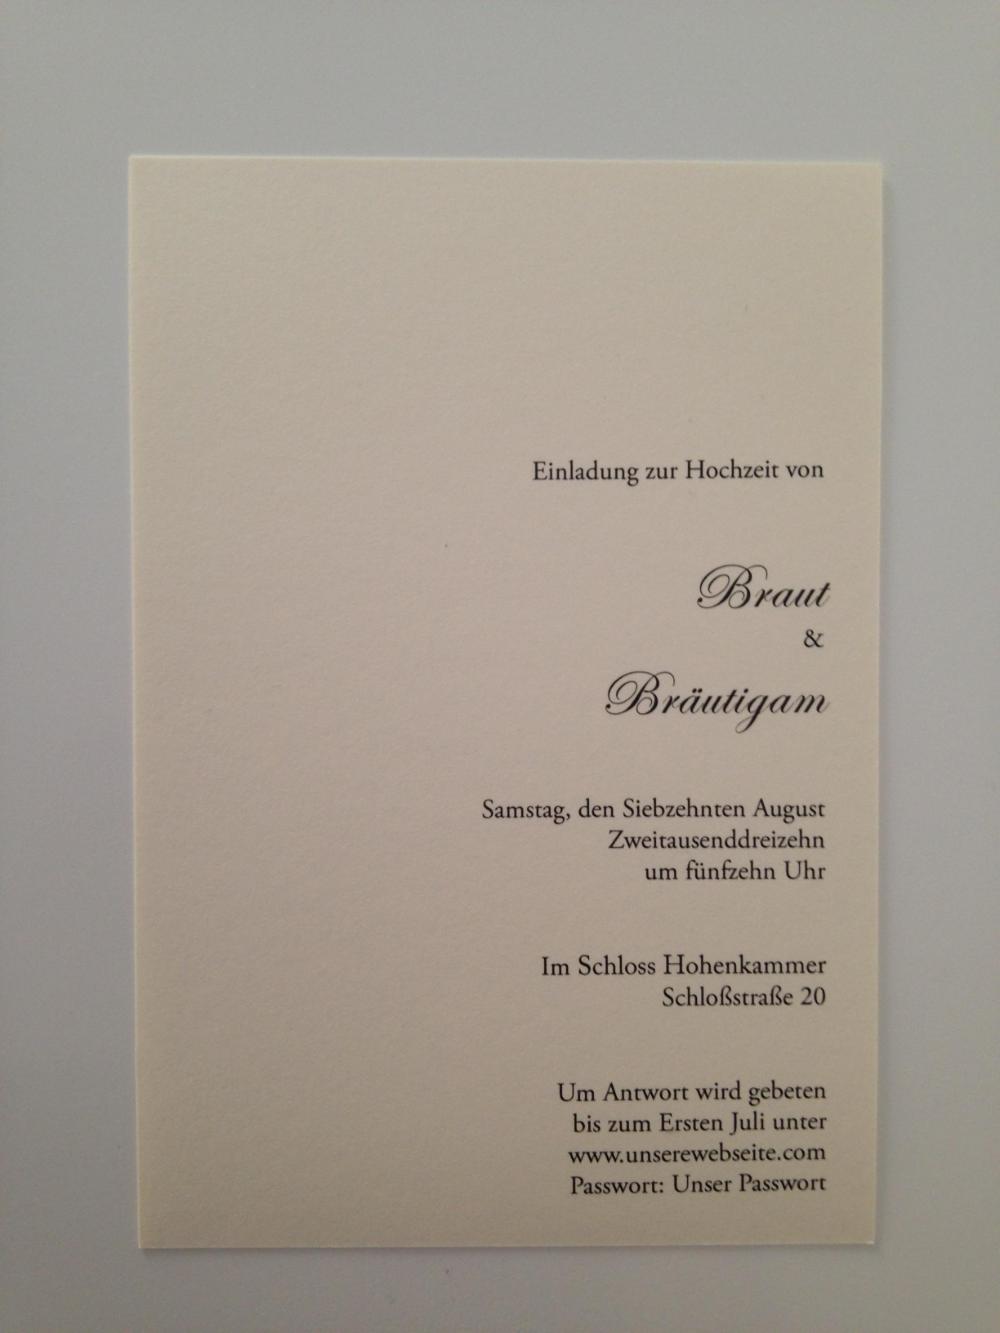 Einladungskarten Hochzeitstext Dresscode Einladung Ins Paradies In 2020 Einladungskarten Hochzeit Text Einladungen Hochzeit Einladungskarten Hochzeit